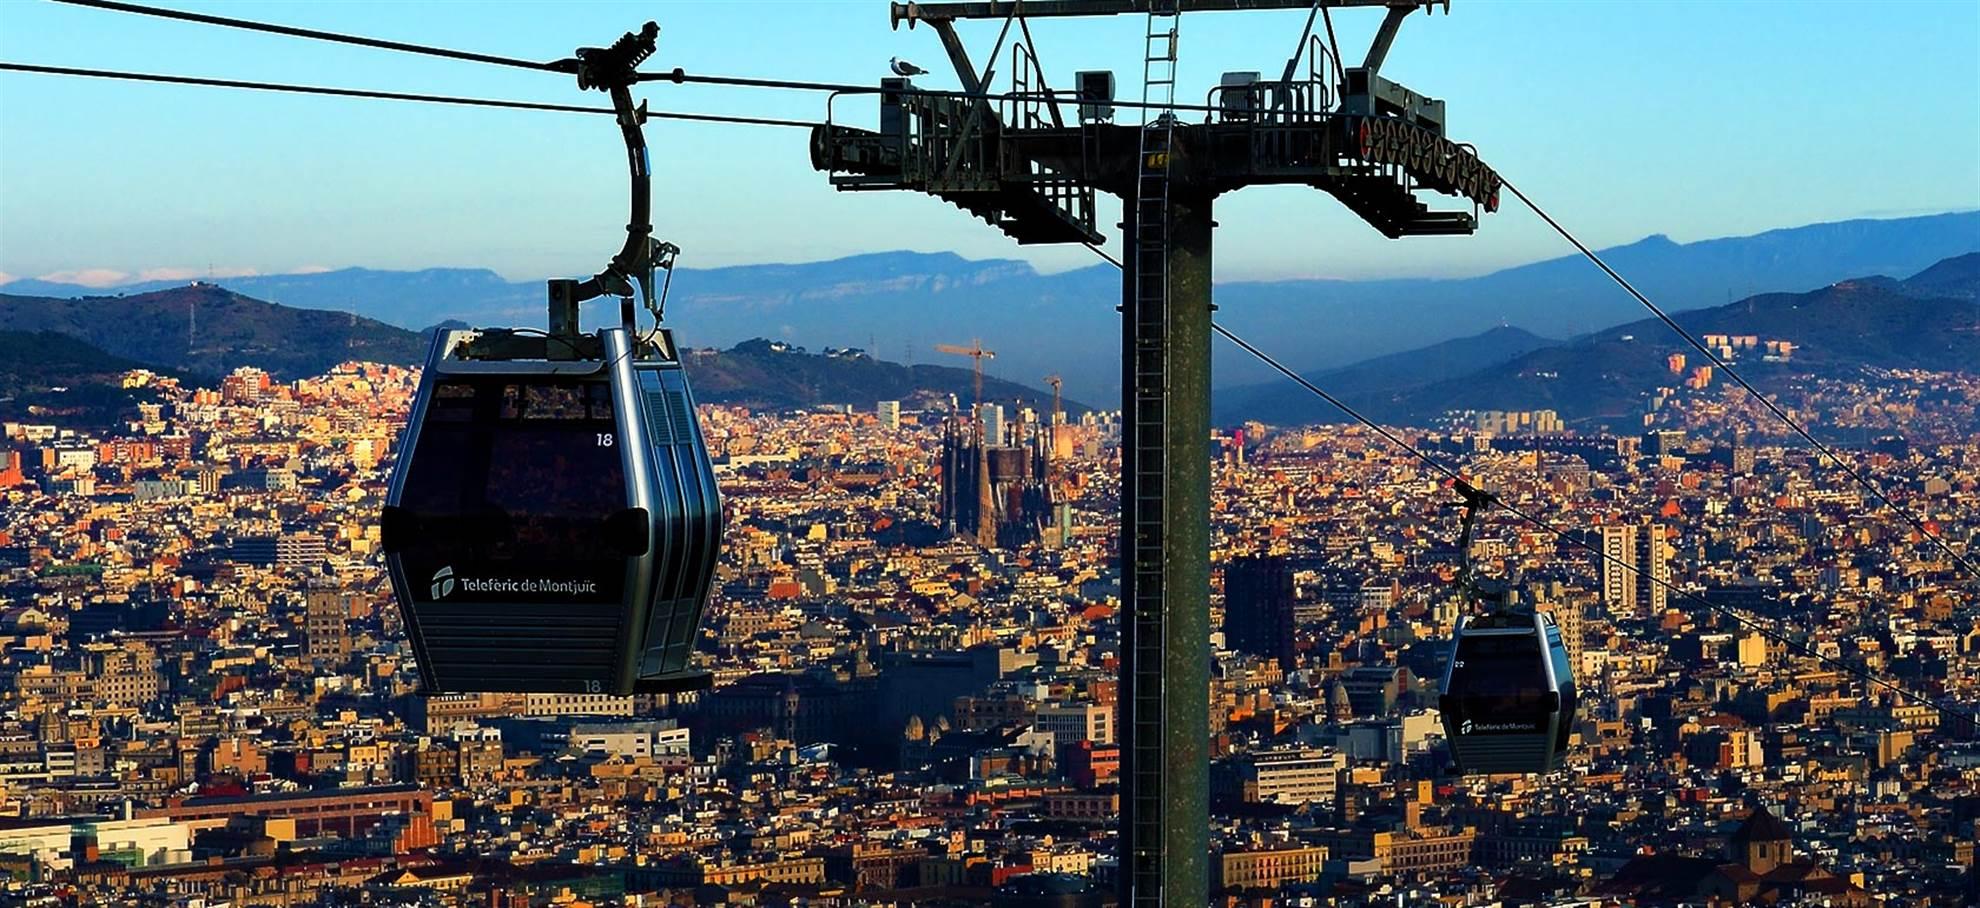 Cable Car Barcelona - Teleferic de Montjuic